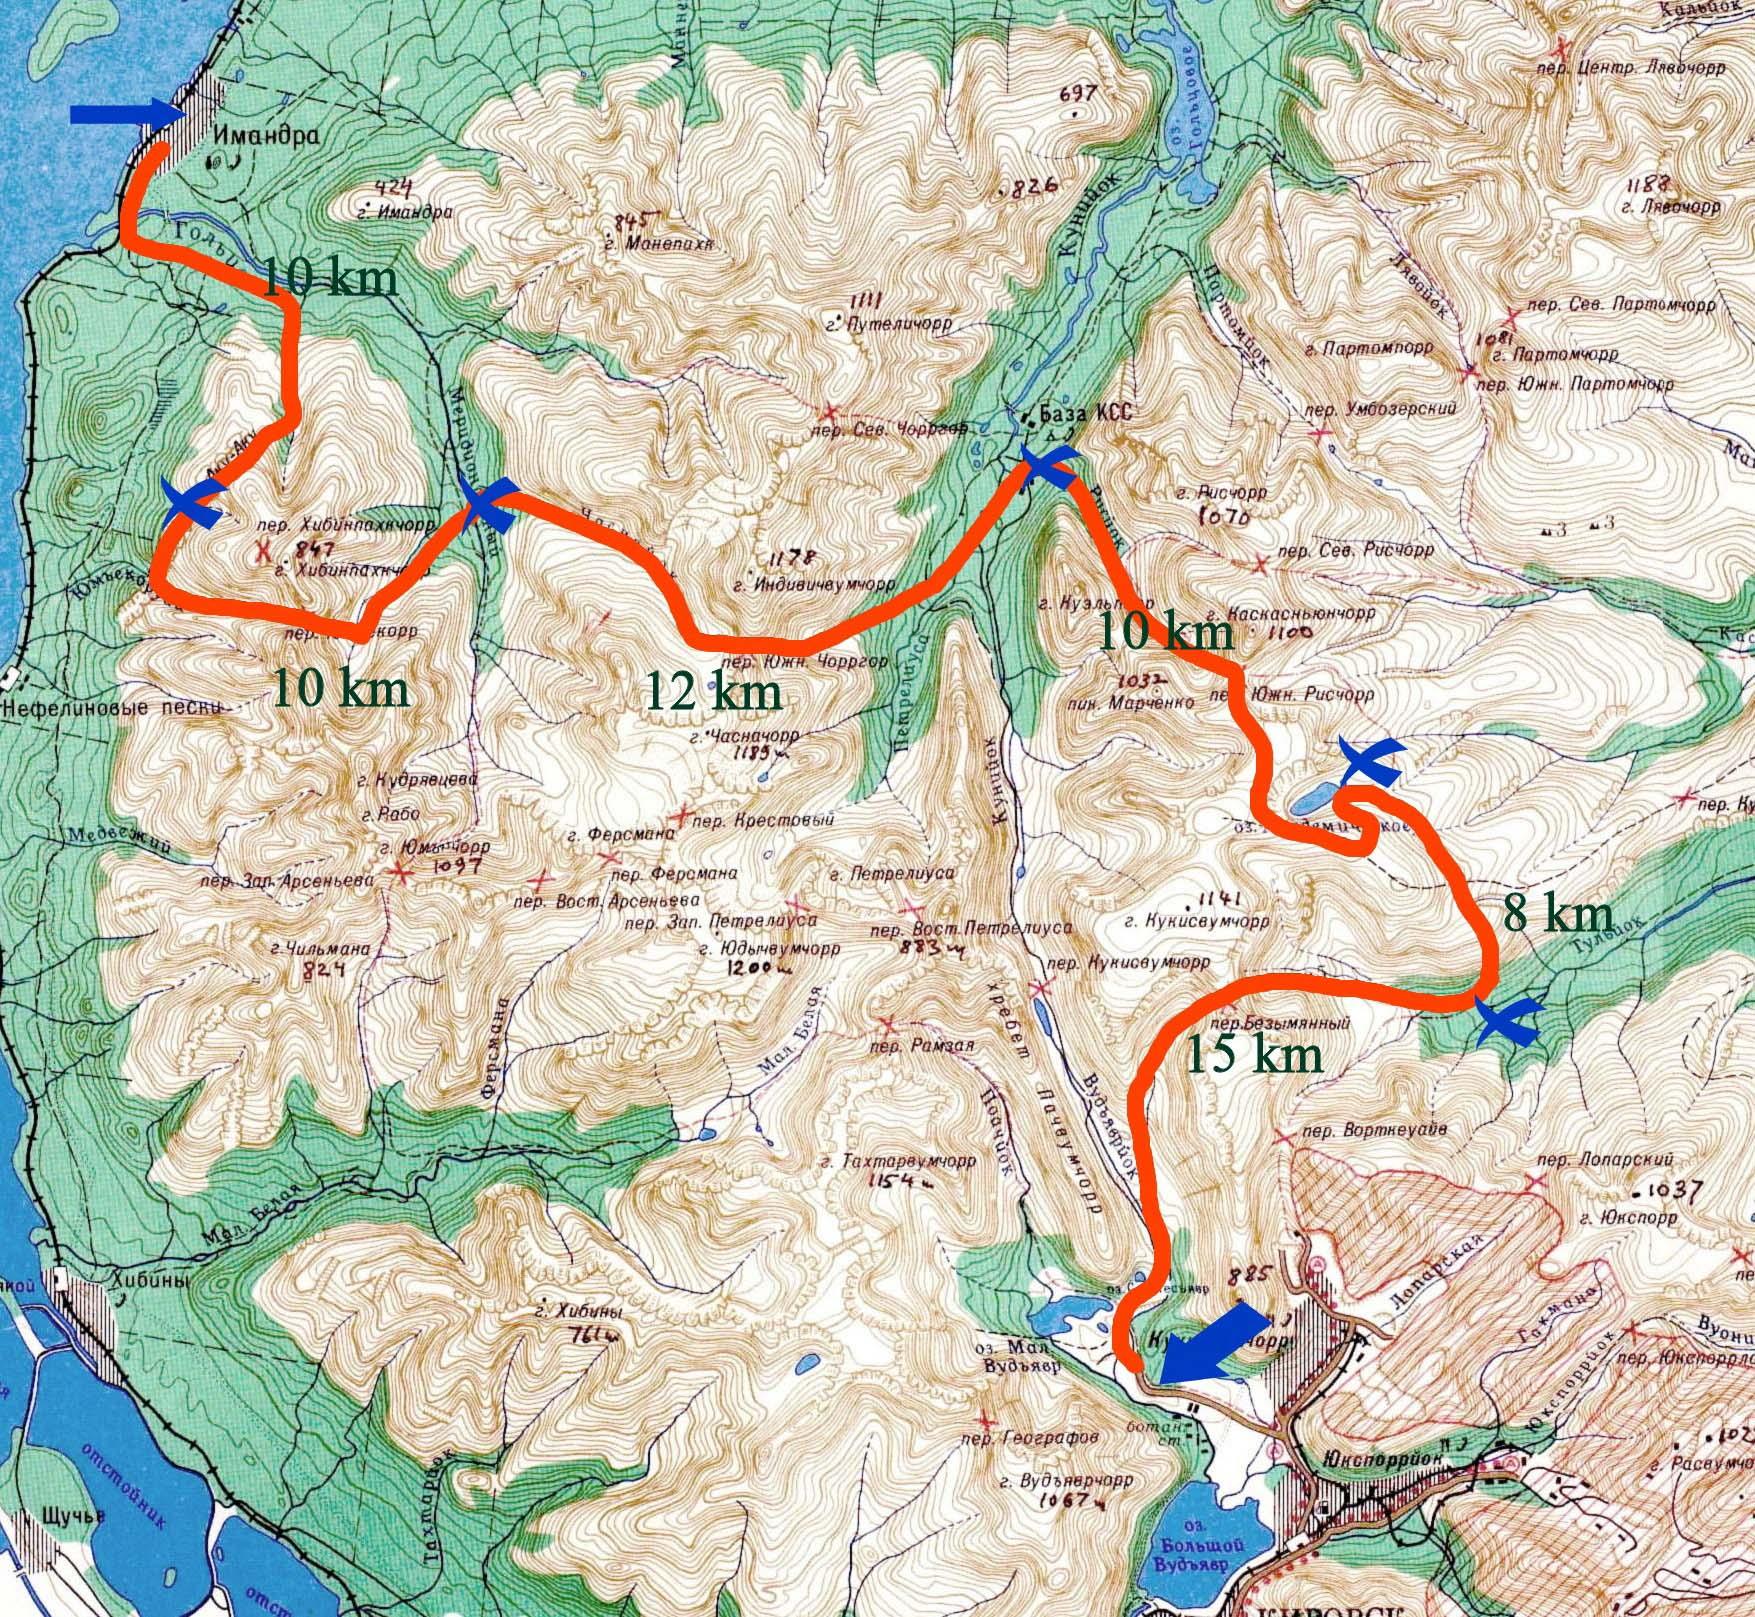 маршруты походов с фото читайте инструкцию